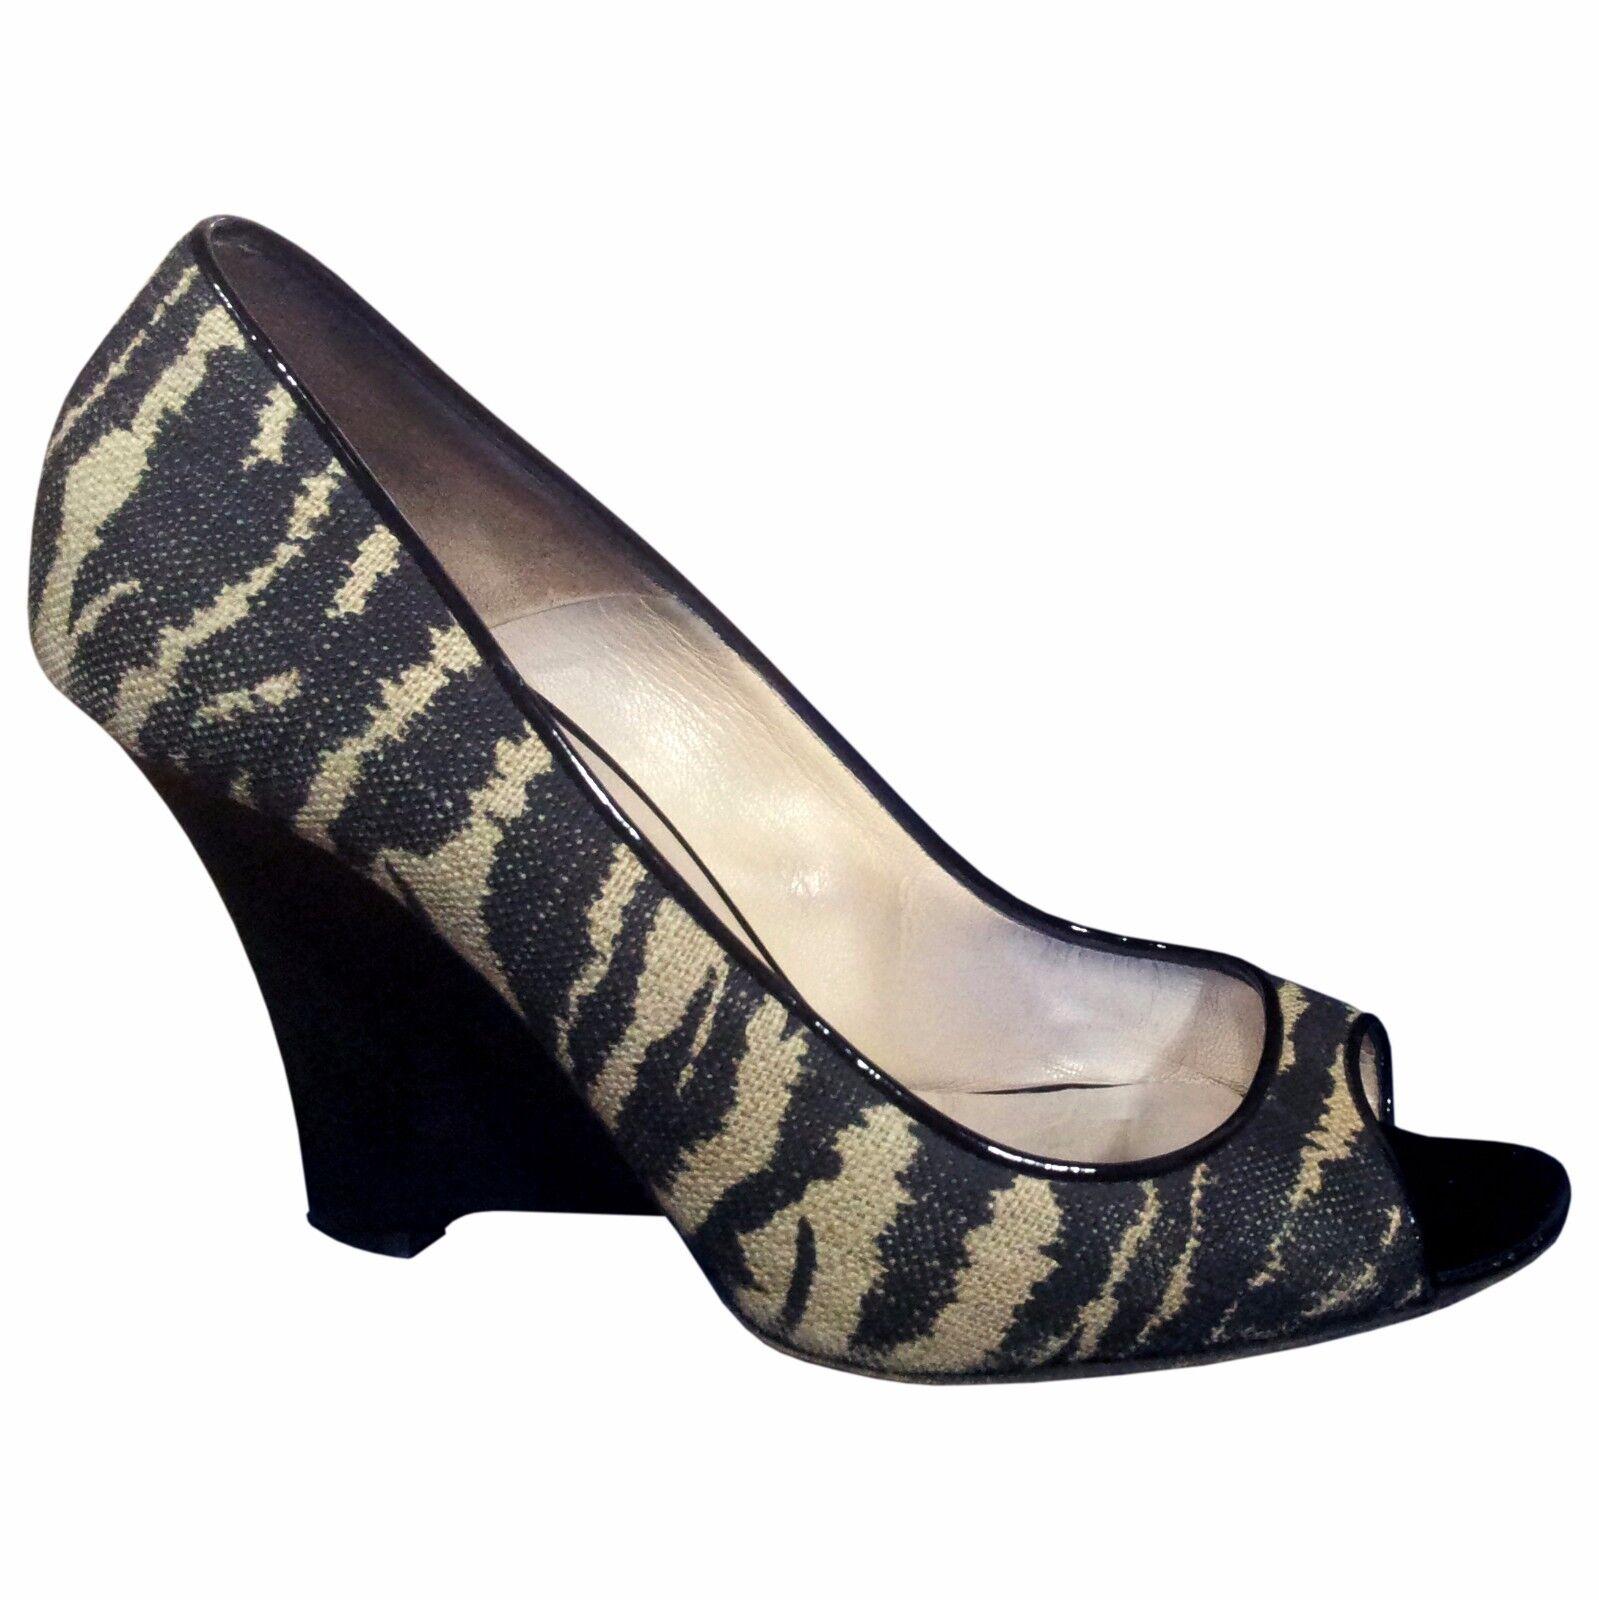 spedizione e scambi gratuiti. BRIAN ATWOOD donna Wedge Textile scarpe Dimensione 39 39 39 9 Heels Pumps Sandals Tiger  benvenuto a comprare